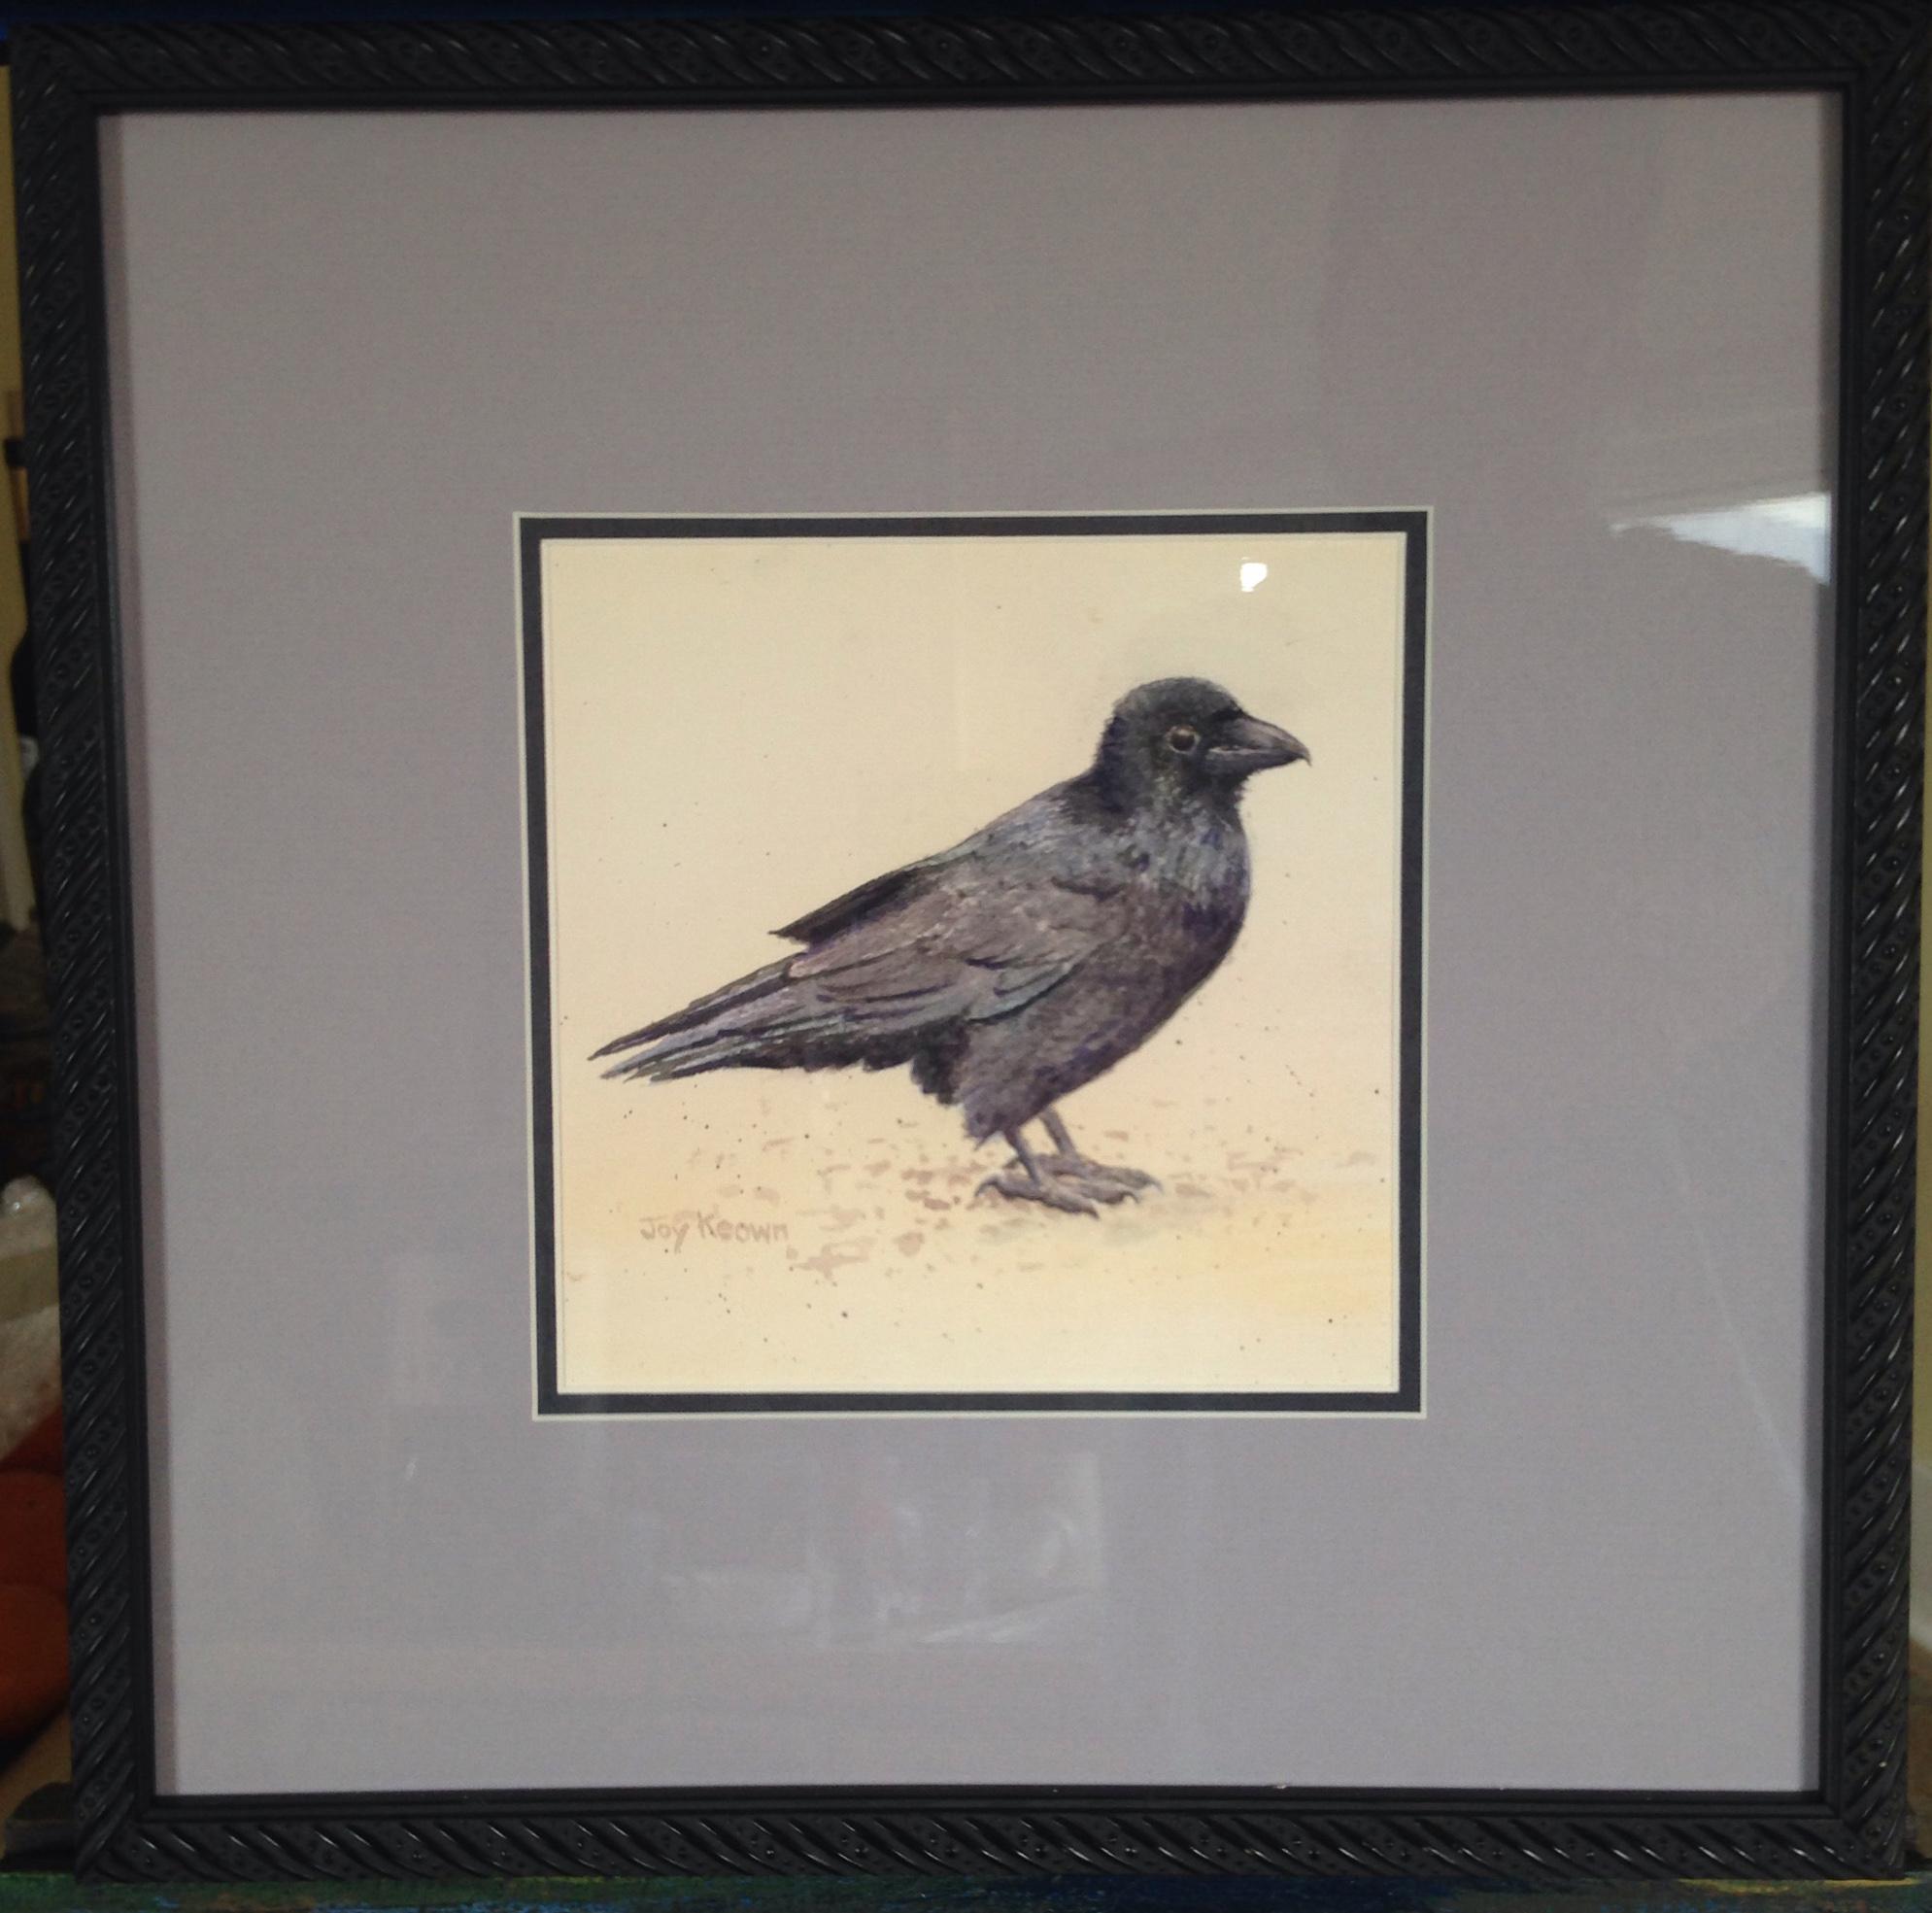 Raven by Joy Keown, Retail $150